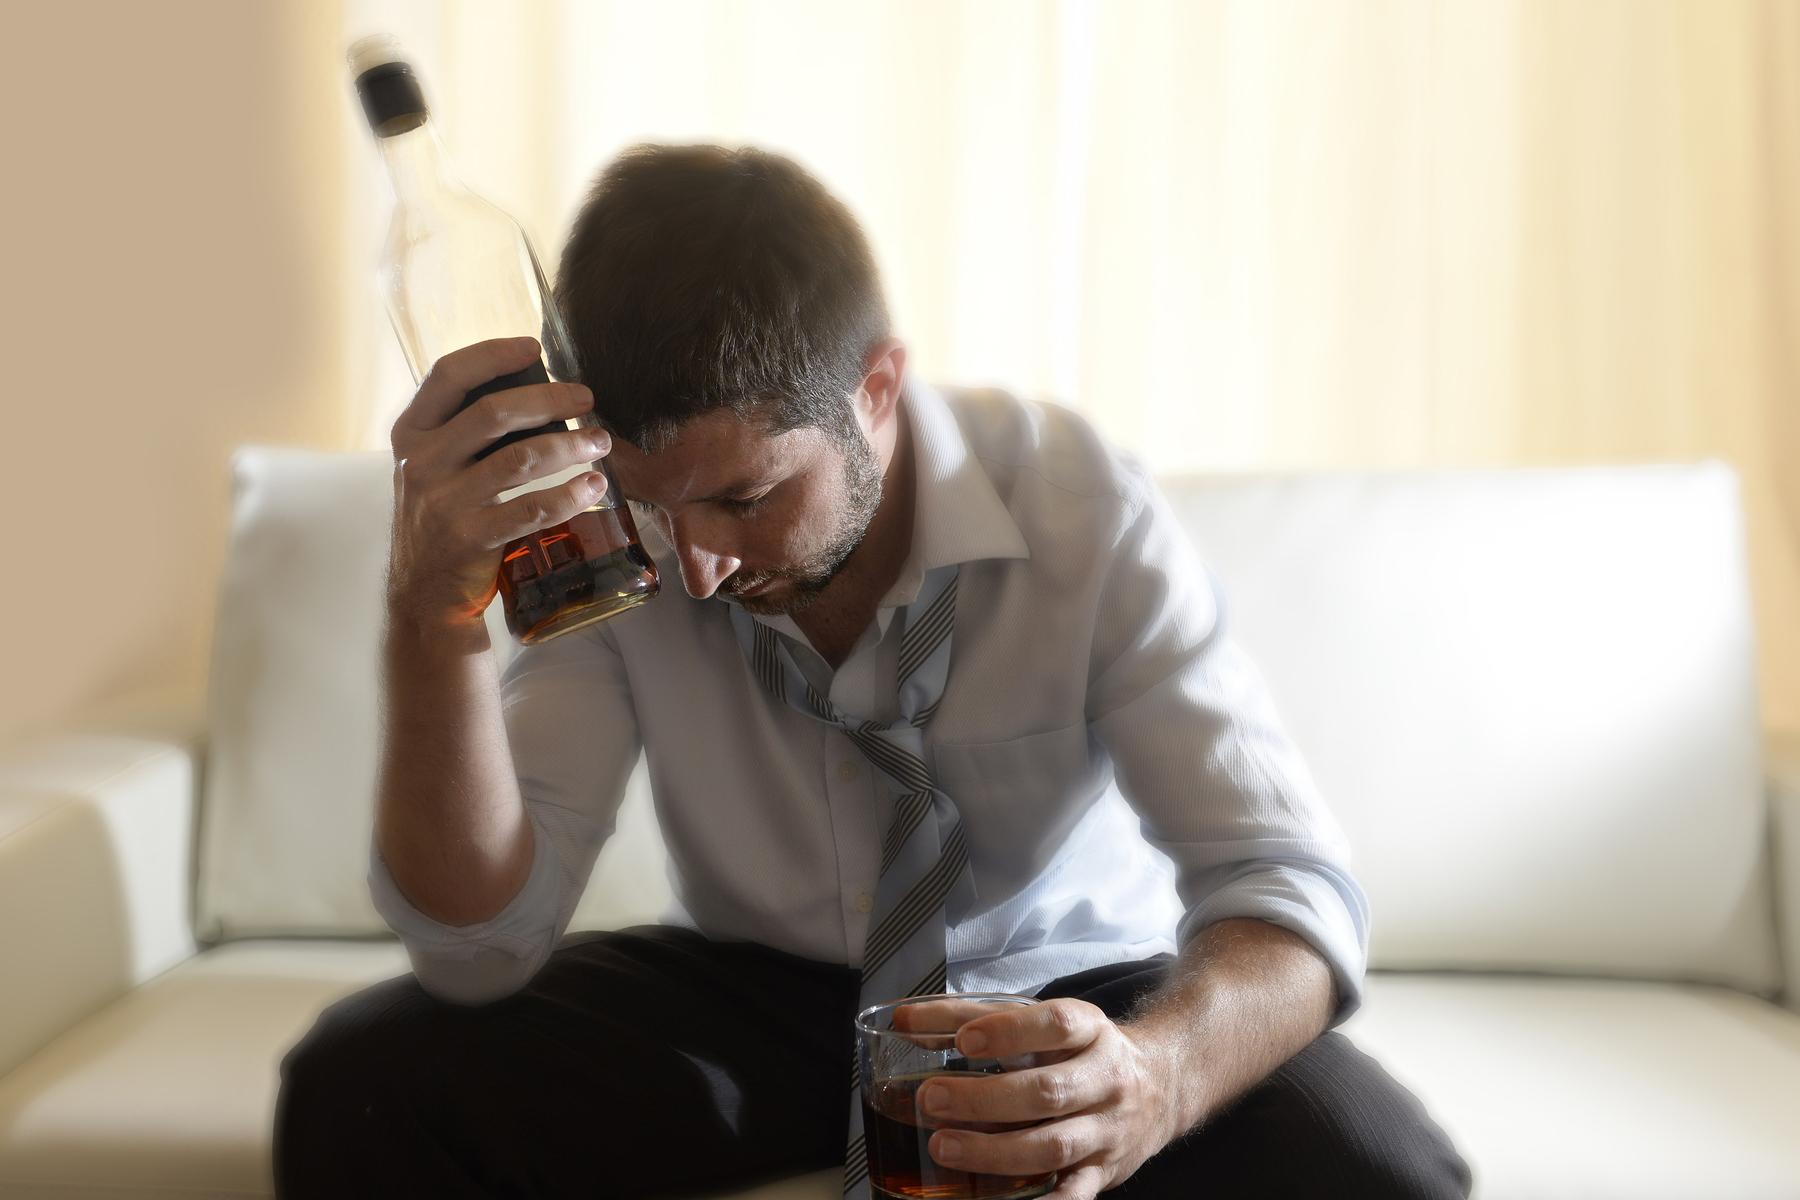 Struggling alcoholic